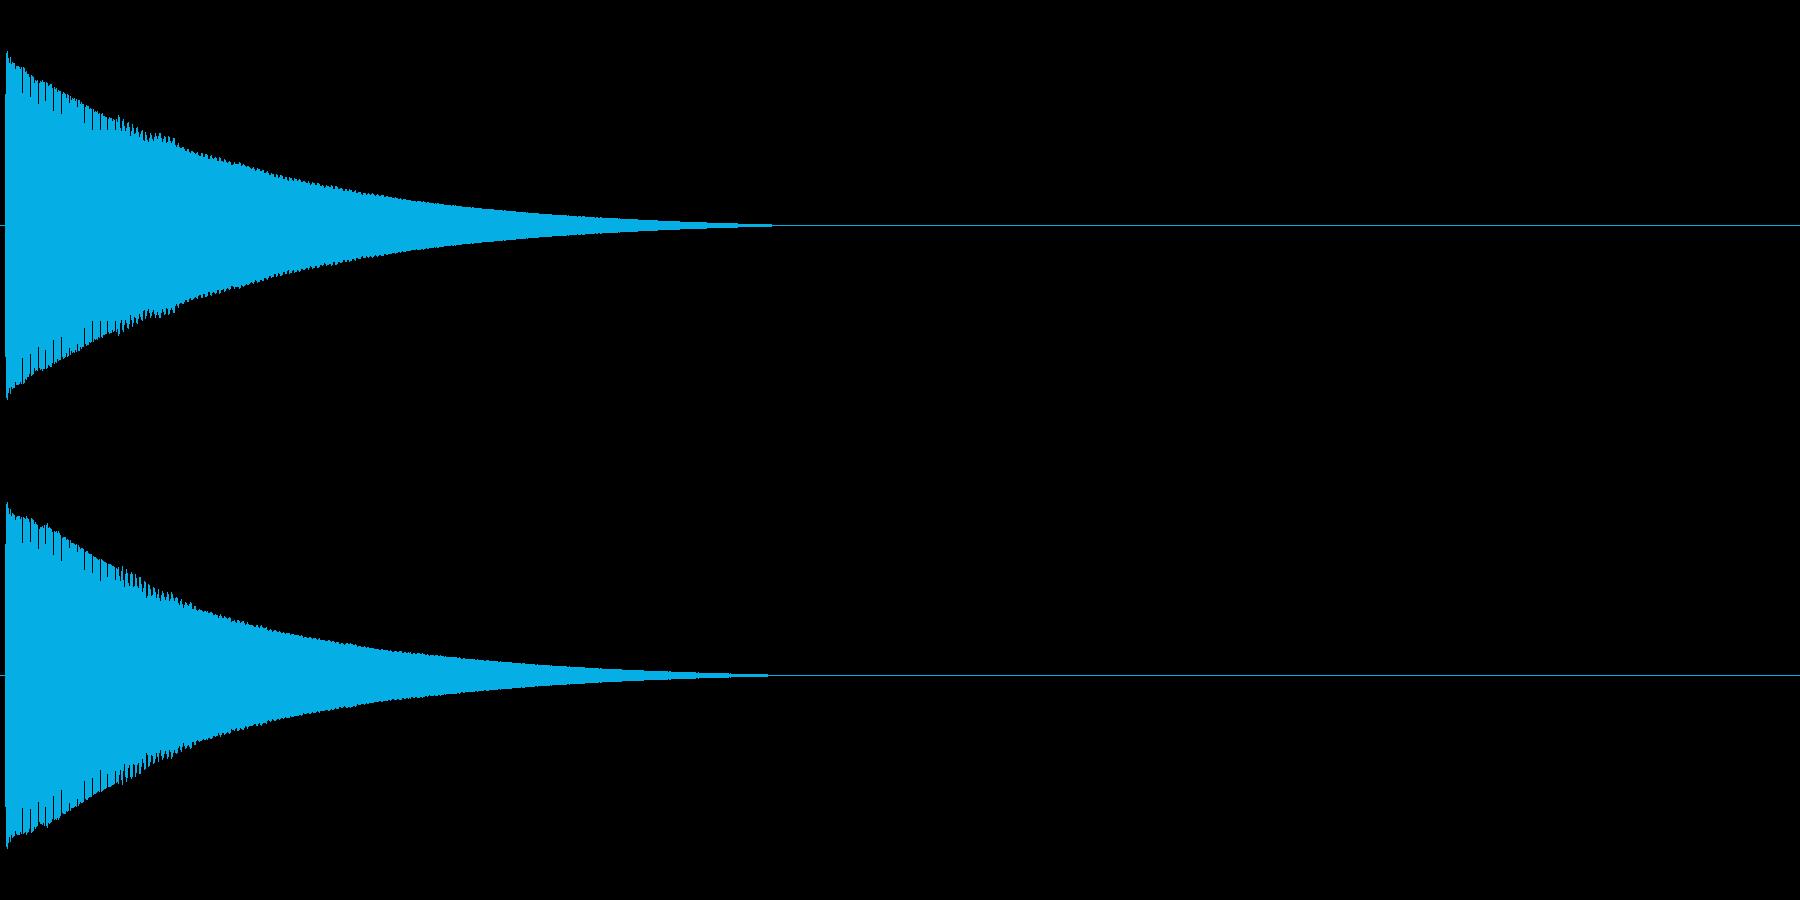 ピローン、ピコーンといった効果音「ソ」の再生済みの波形